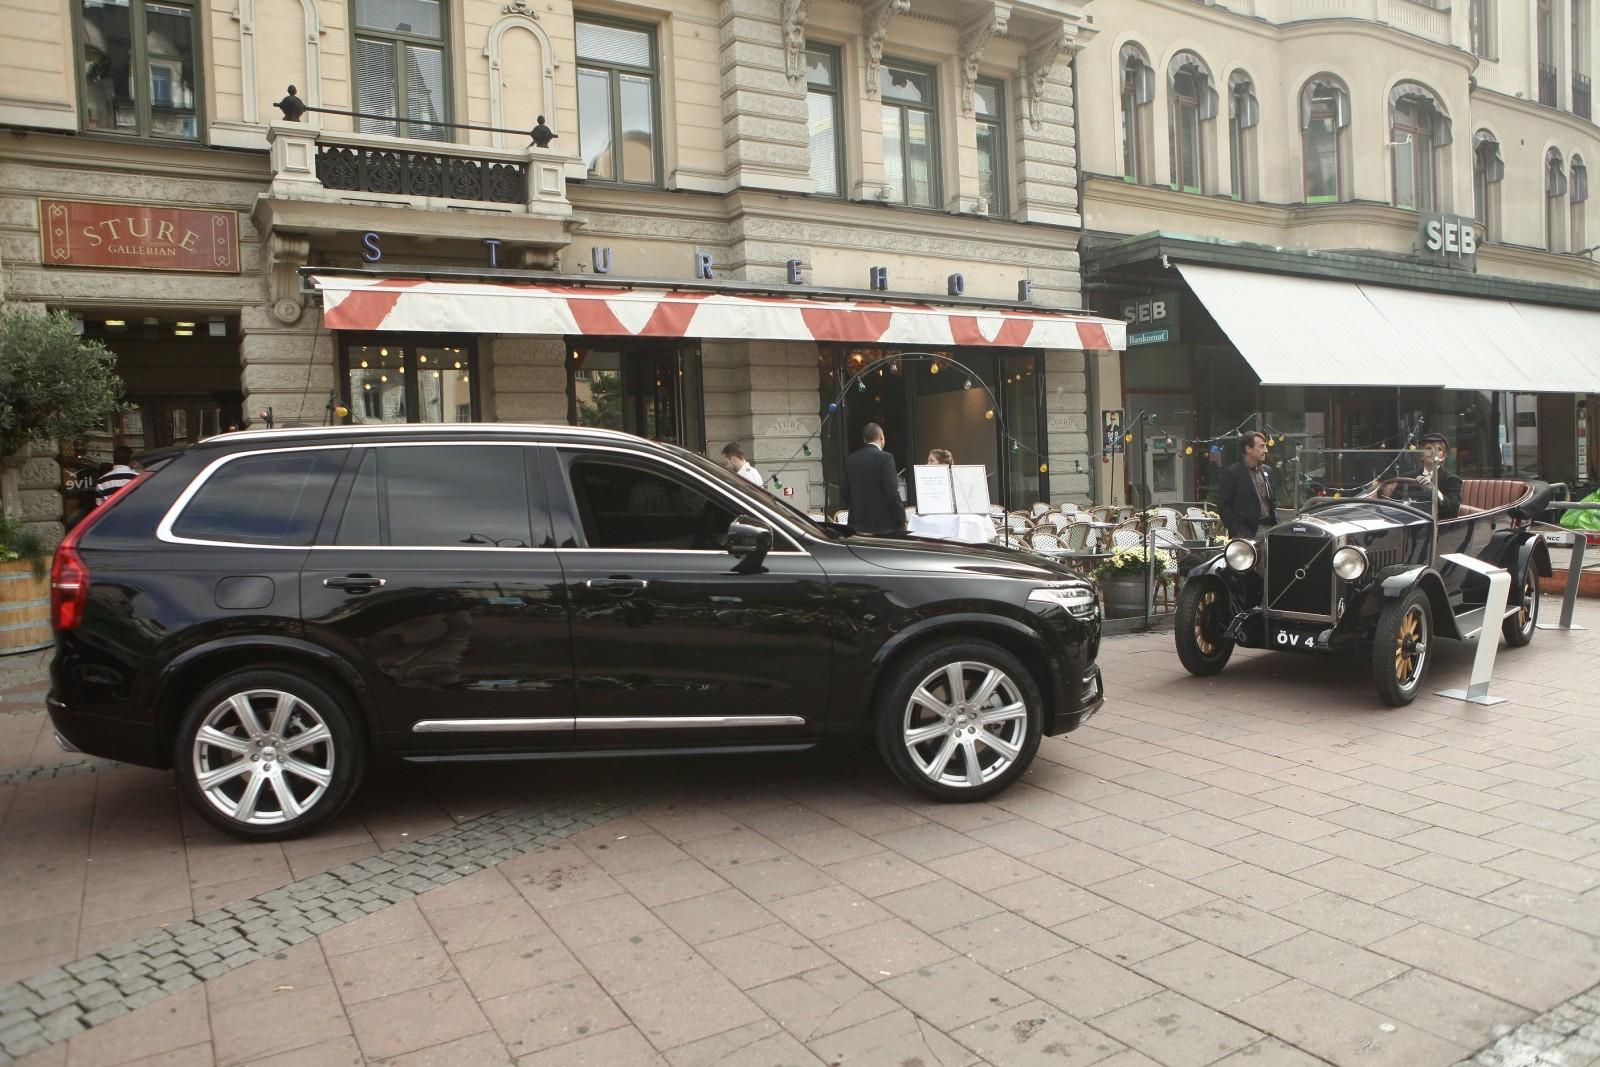 Minnet av Volvogrundarna Assar Gabrielsson och Gustaf Larsons möte över ett parti kräftor på restaurang Sturehof 1924 är något som Volvo högtidlighåller än idag.